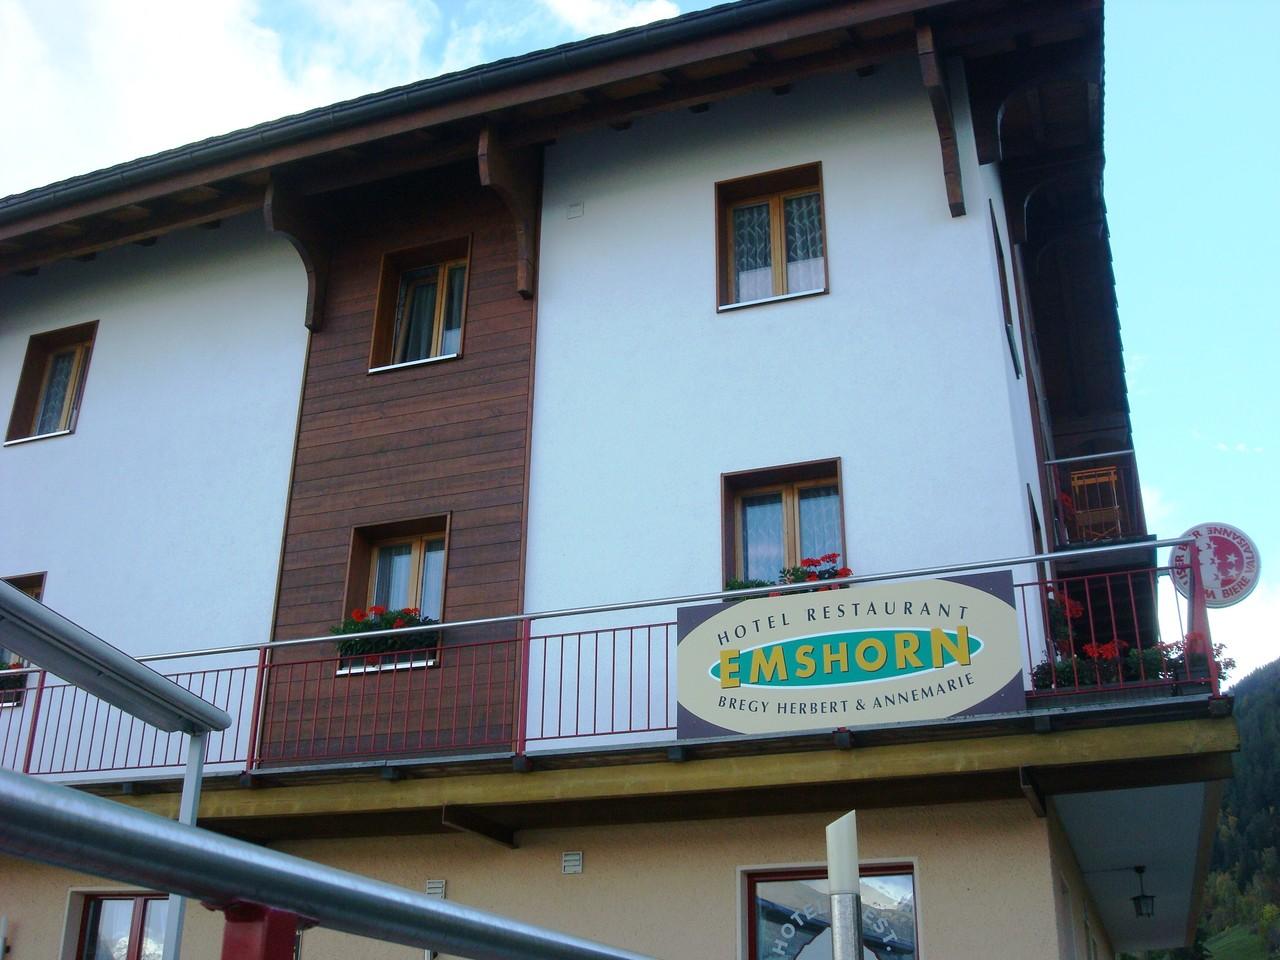 Das Hotel Emshorn - wirklich zuz empfehlen